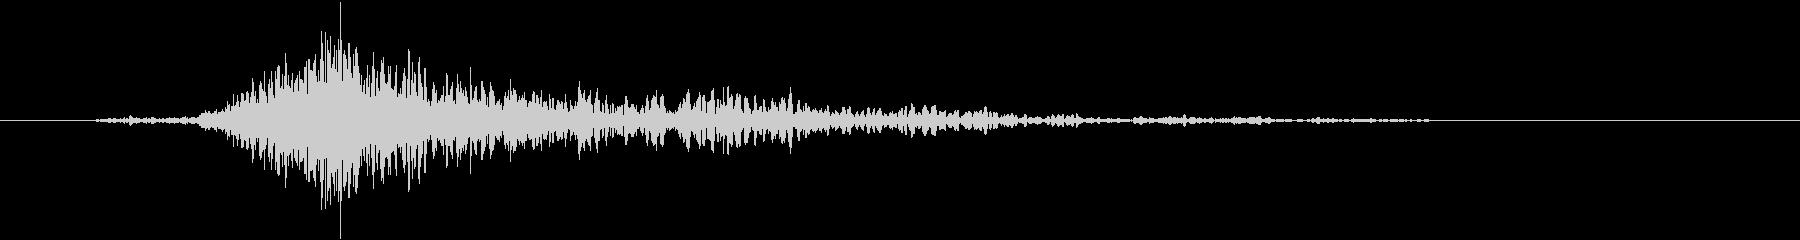 斬撃 ファイヤーイグナイトスモール01の未再生の波形